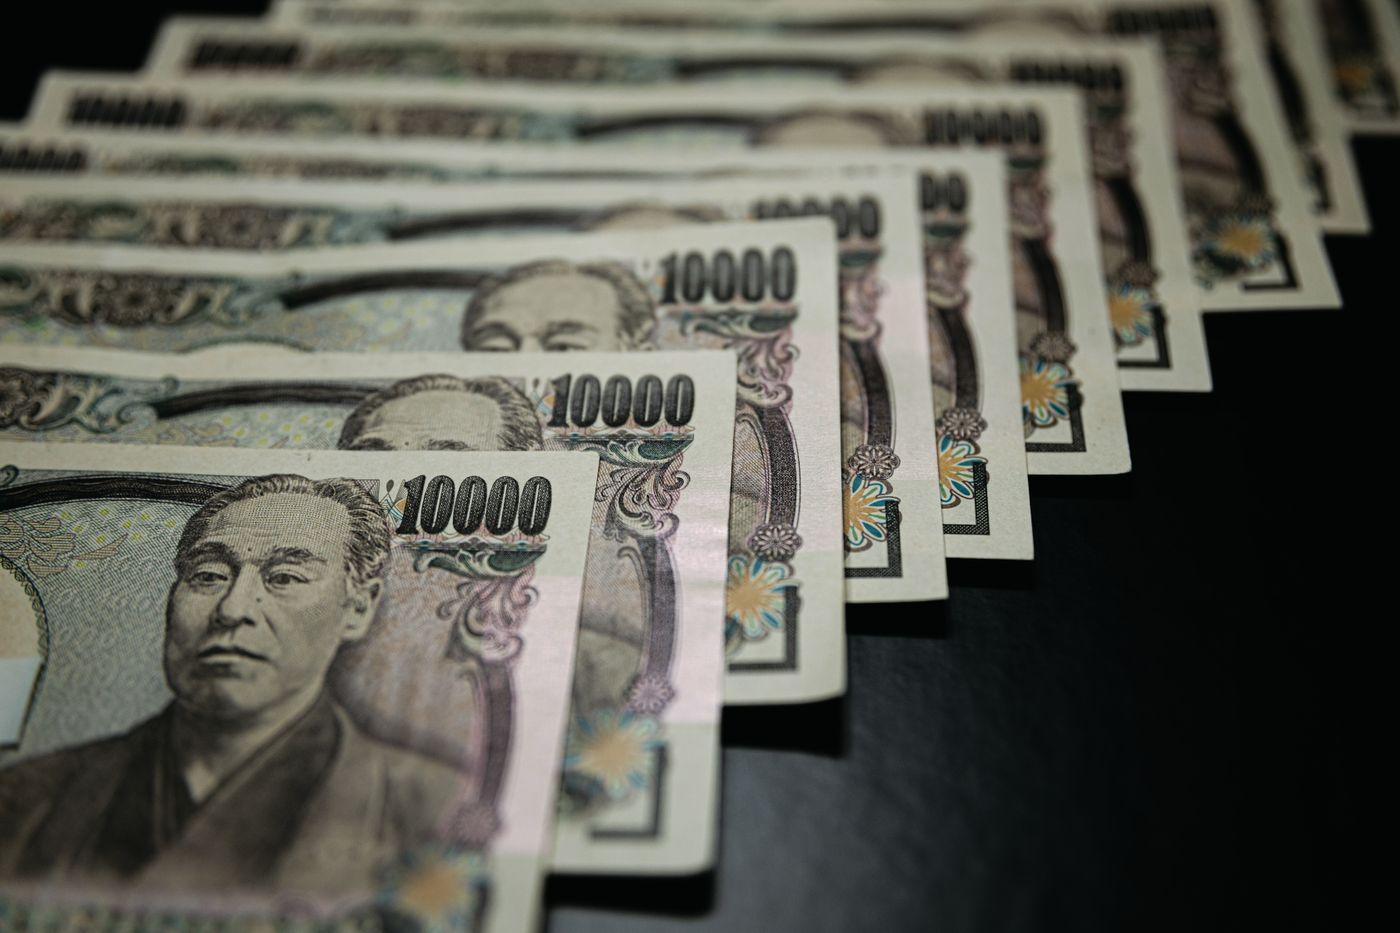 並べられた壱万円の紙幣の写真